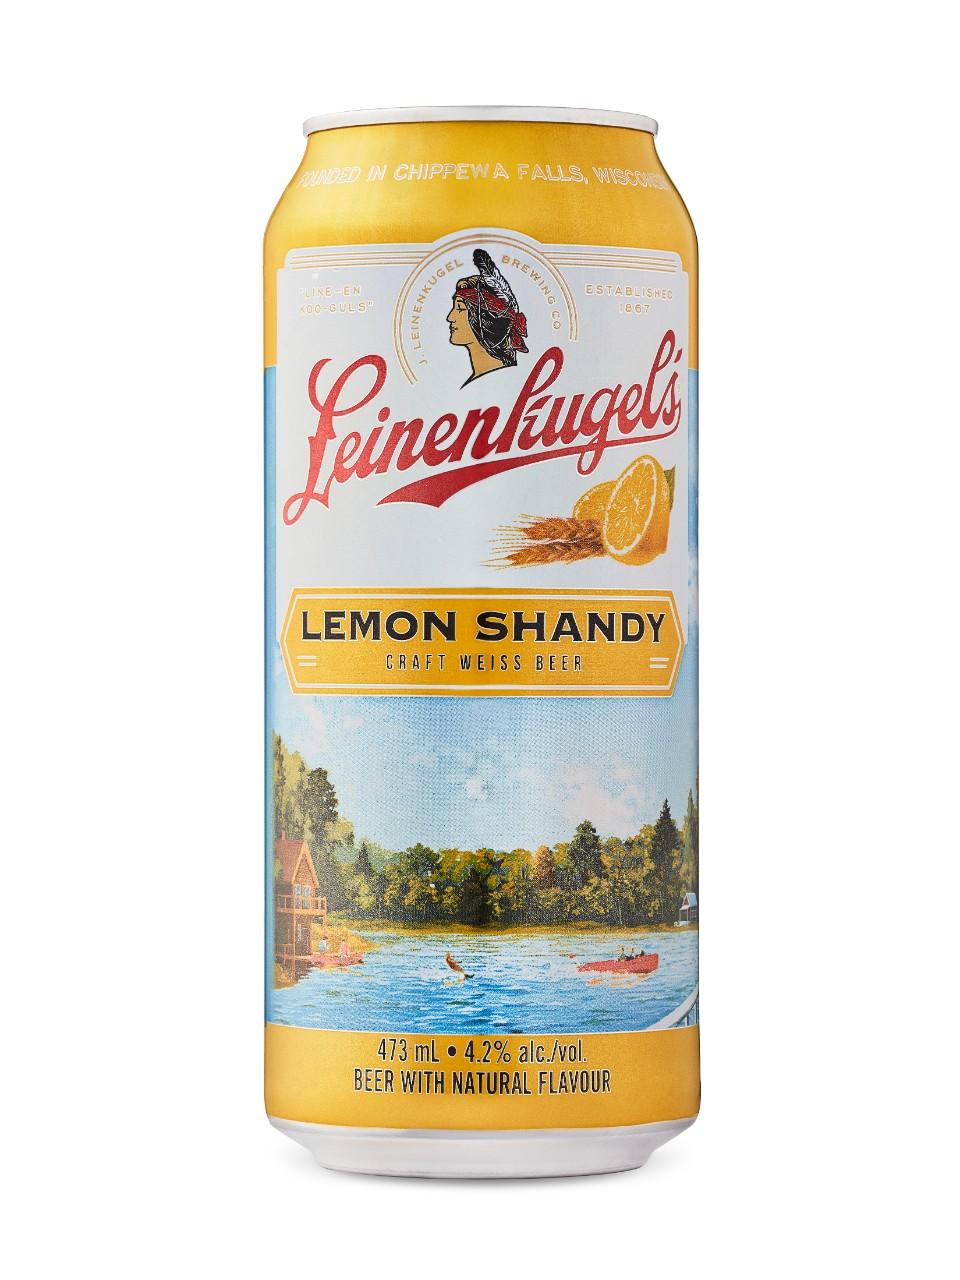 Leinenkugels Lemon Shandy Lcbo